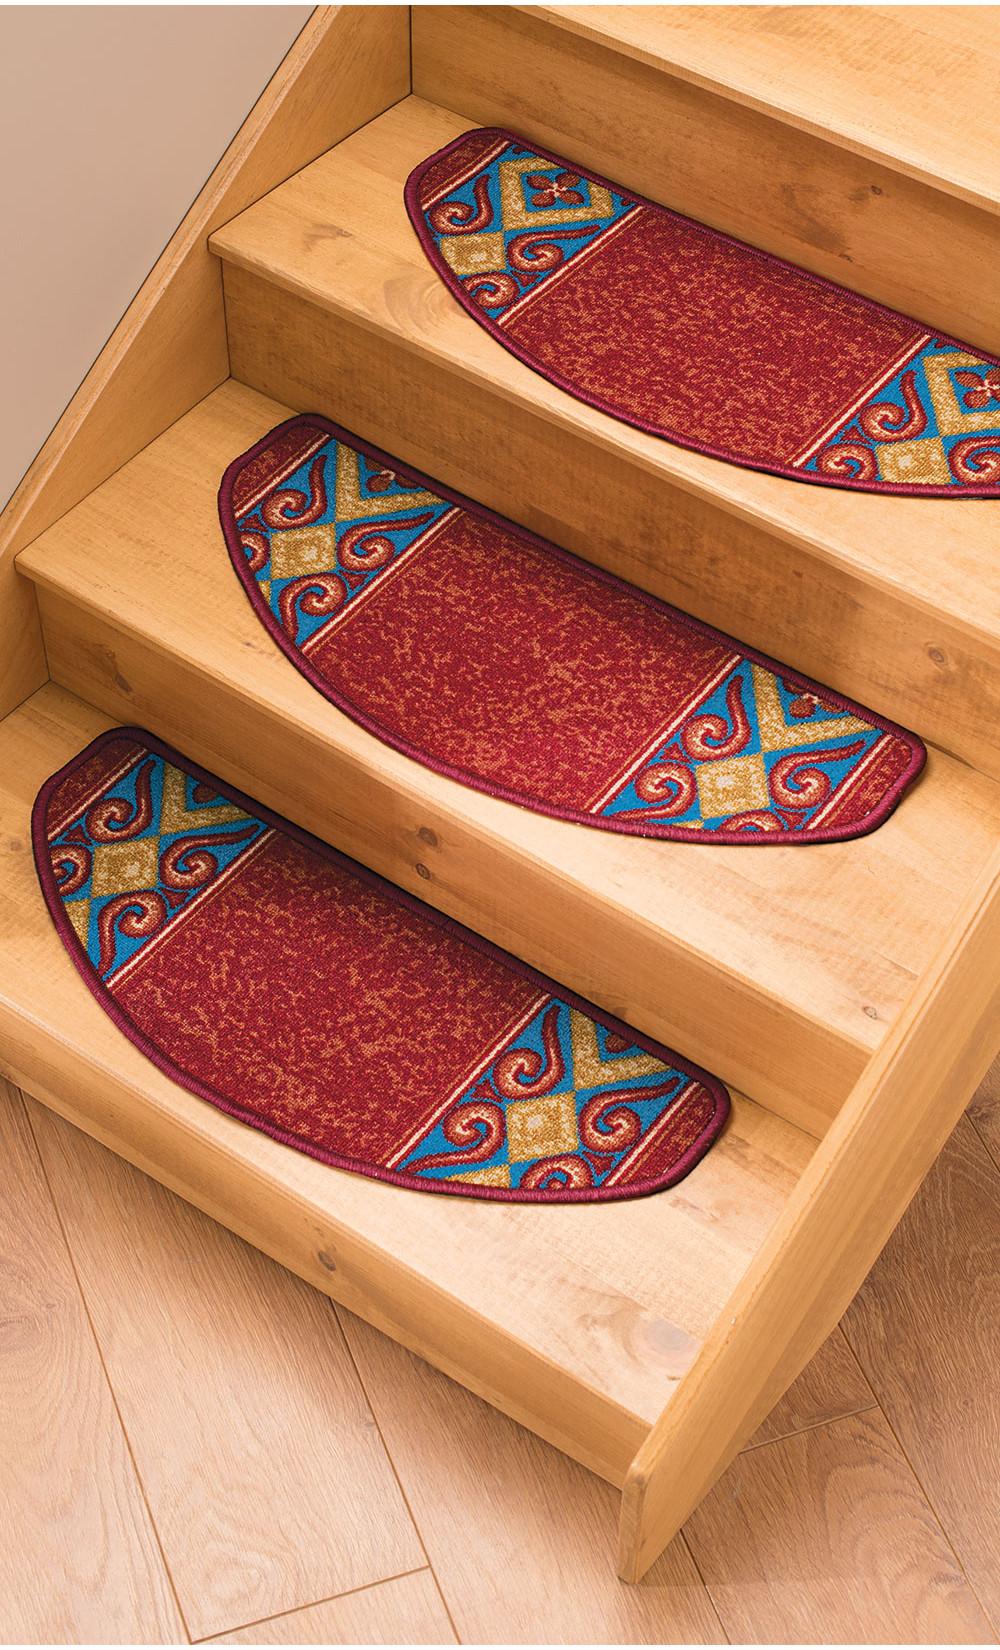 tapis de passage ou marches d'escalier - RISETTE